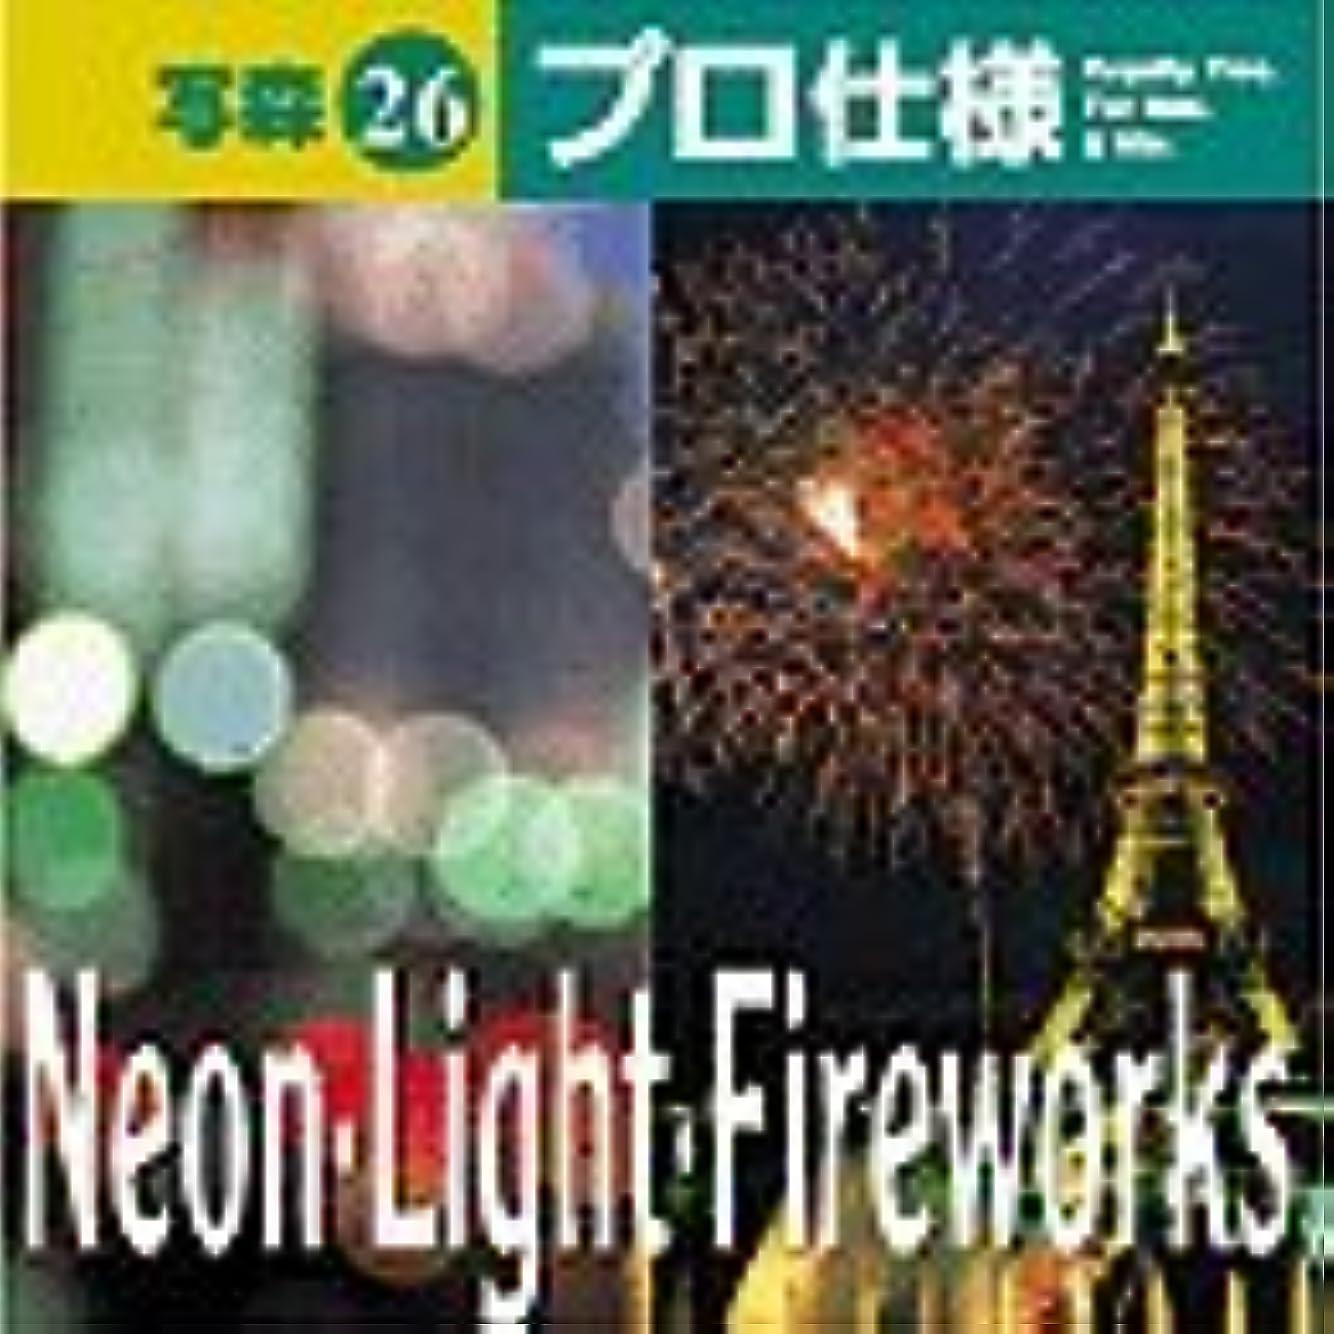 首相レタス土地写森プロ仕様 Vol.26 Neon?Light?Fireworks